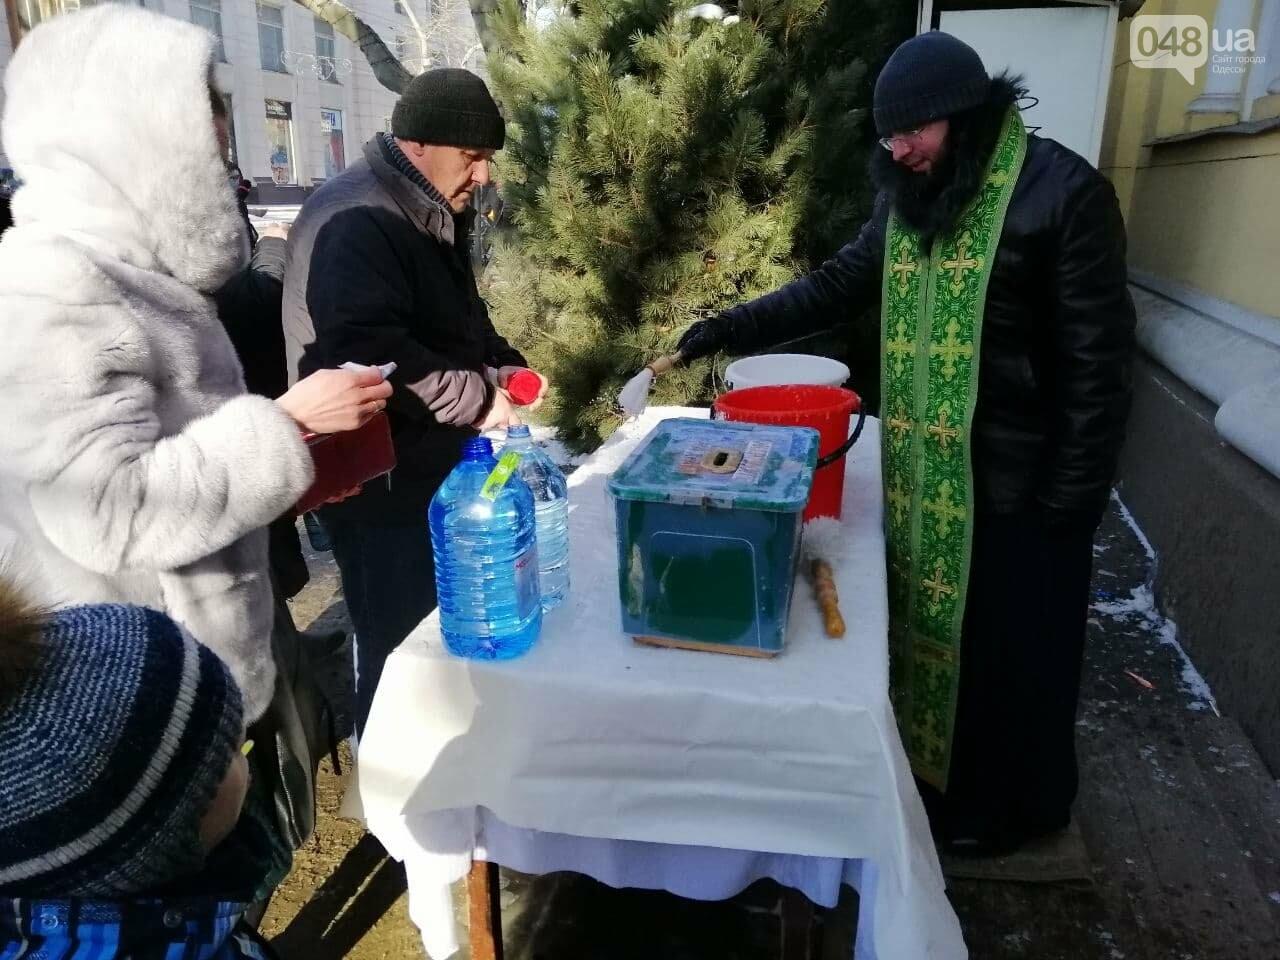 Крещение в Одессе: во всех храмах святили воду,- ФОТОРЕПОРТАЖ, фото-5